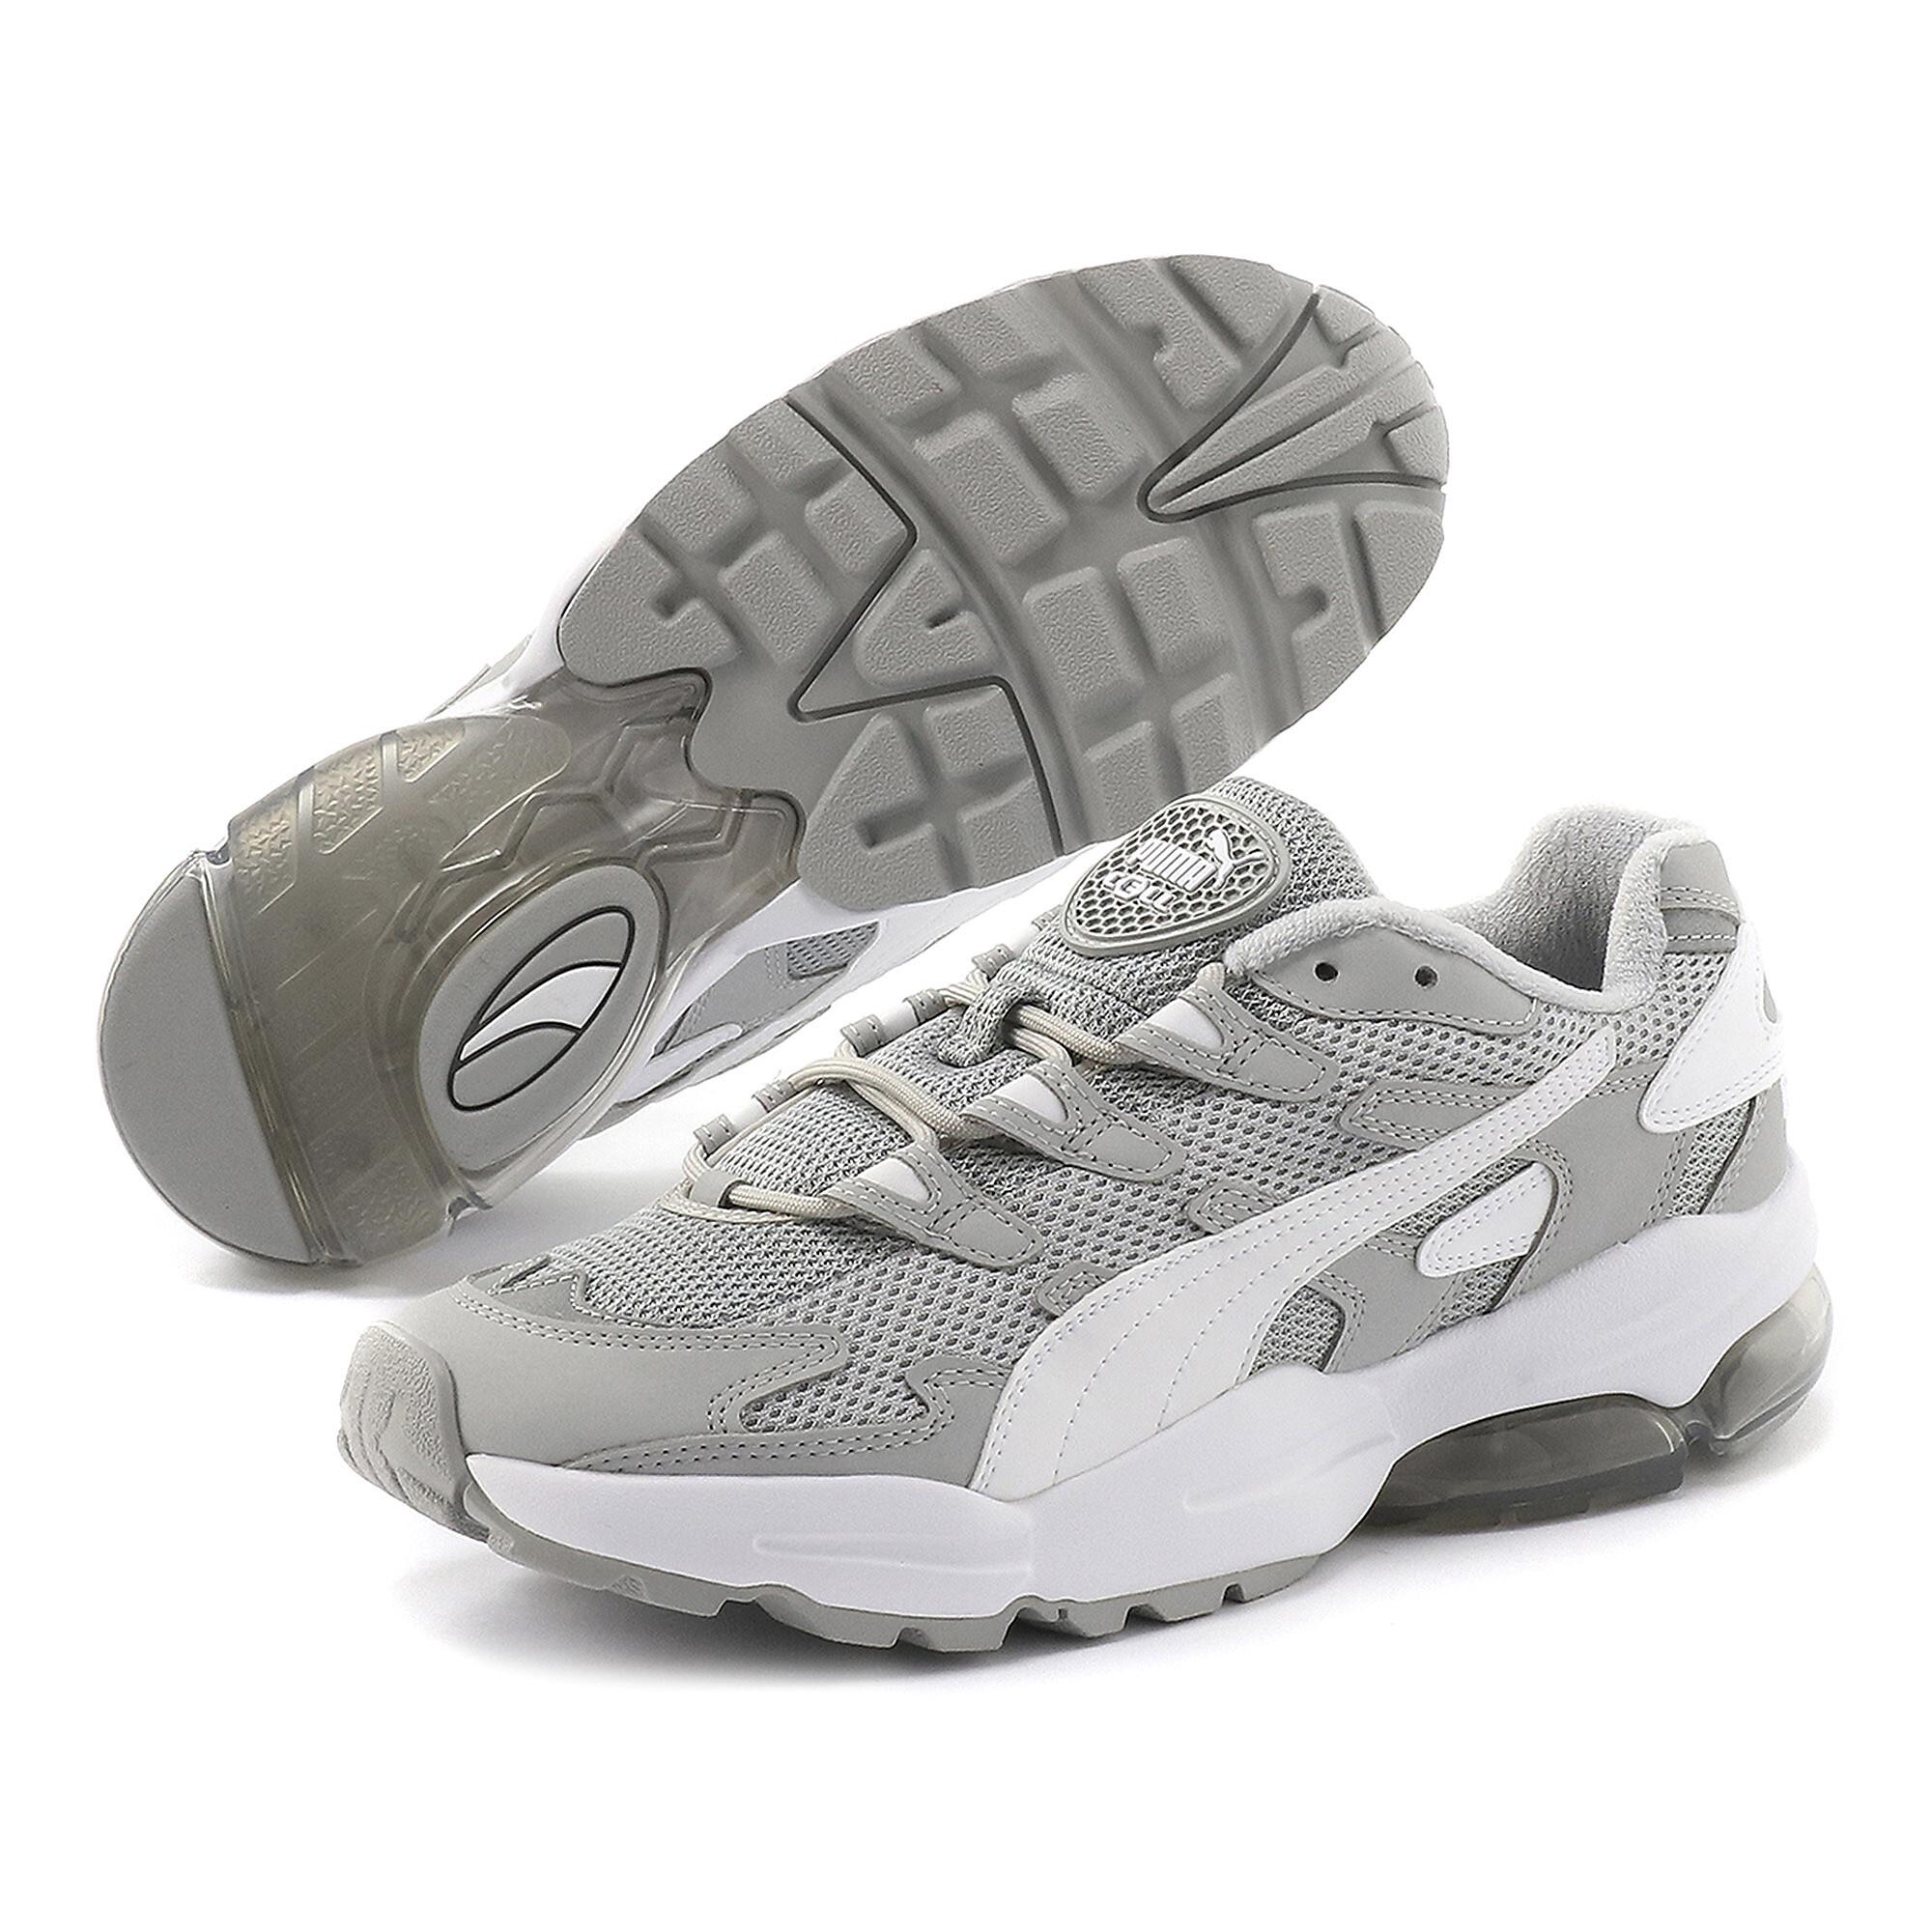 PUMA-CELL-Alien-OG-Men-039-s-Sneakers-Men-Shoe-Sport-Classics thumbnail 14